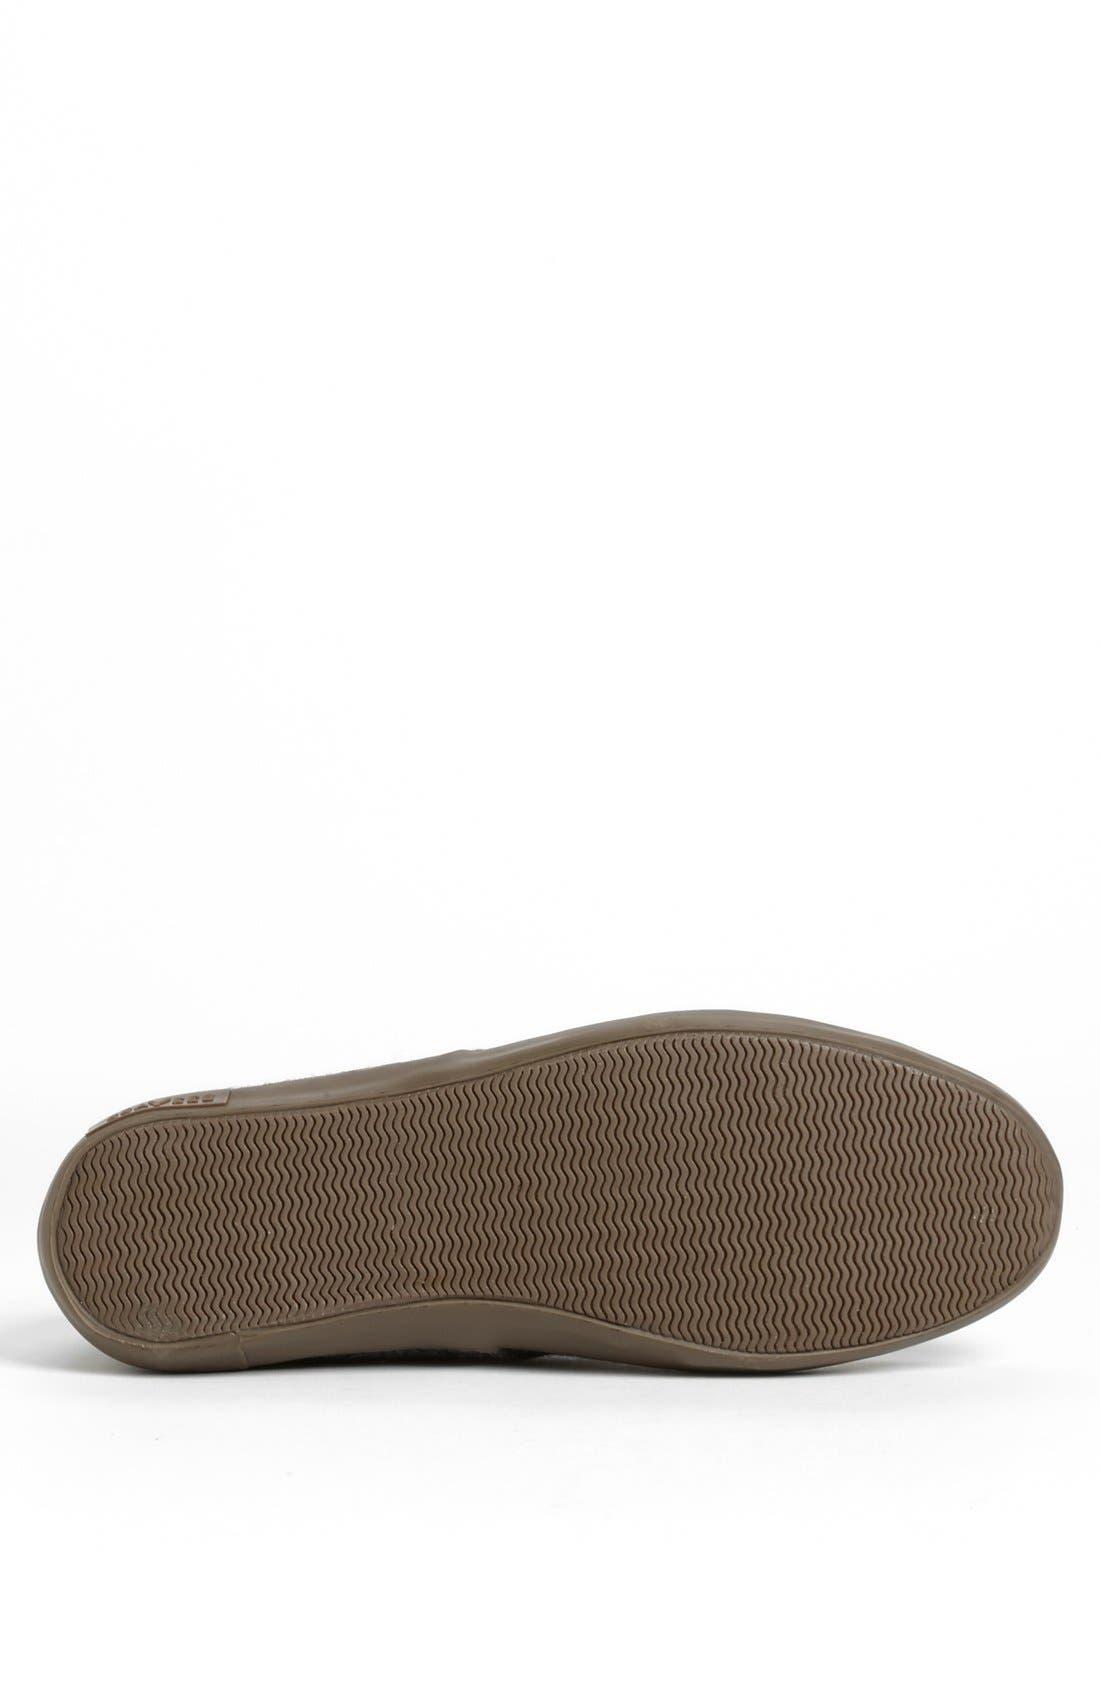 Alternate Image 4  - SeaVees 'Hermosa Plimsoll Surplus' Boiled Wool Sneaker